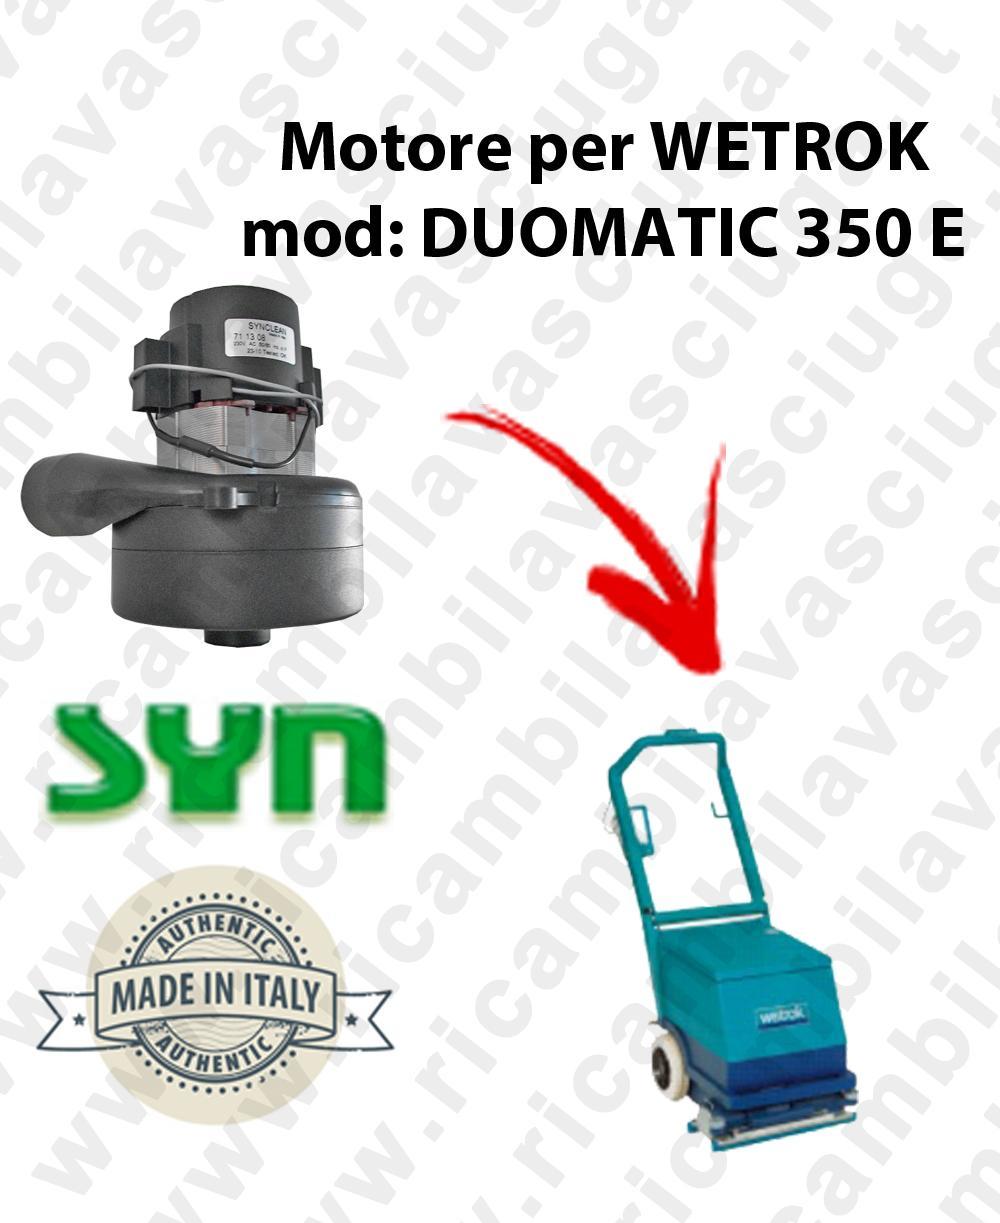 DUOMATIC 350 E MOTORE LAMB AMETEK di aspirazione per lavapavimenti WETROK